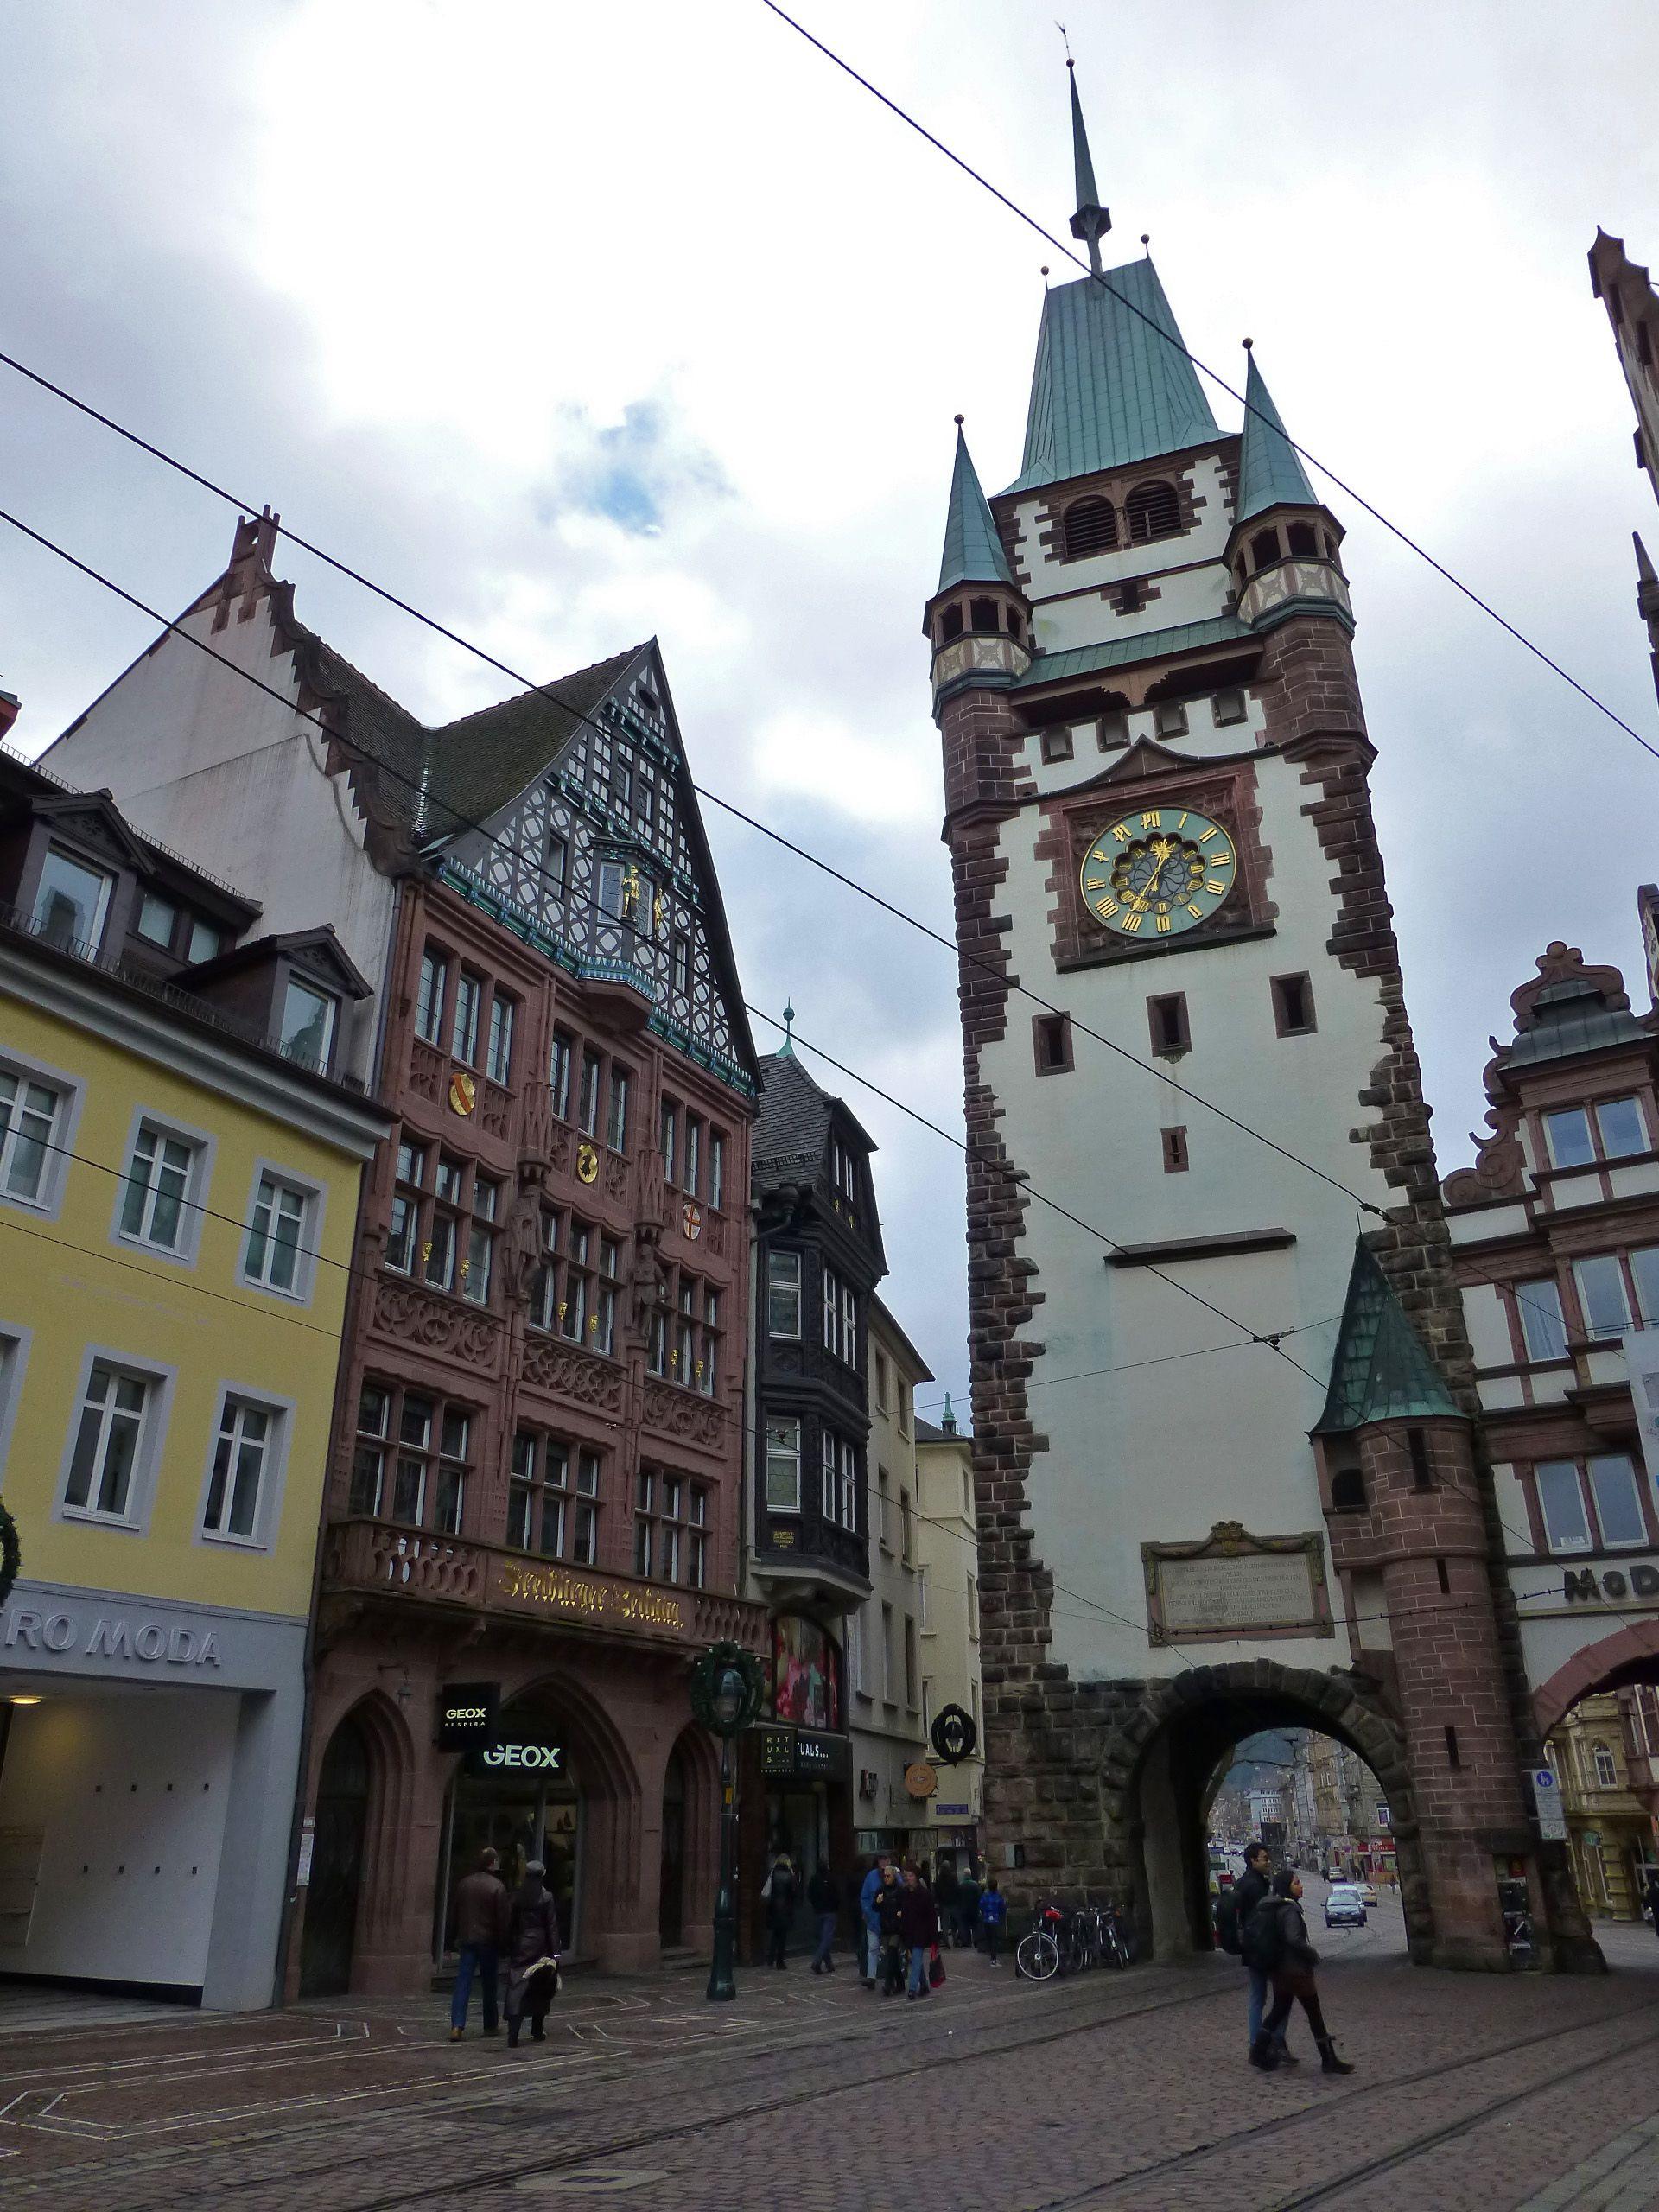 Todo sobre Friburgo de Brisgovia - qué ver, gastronomía ...